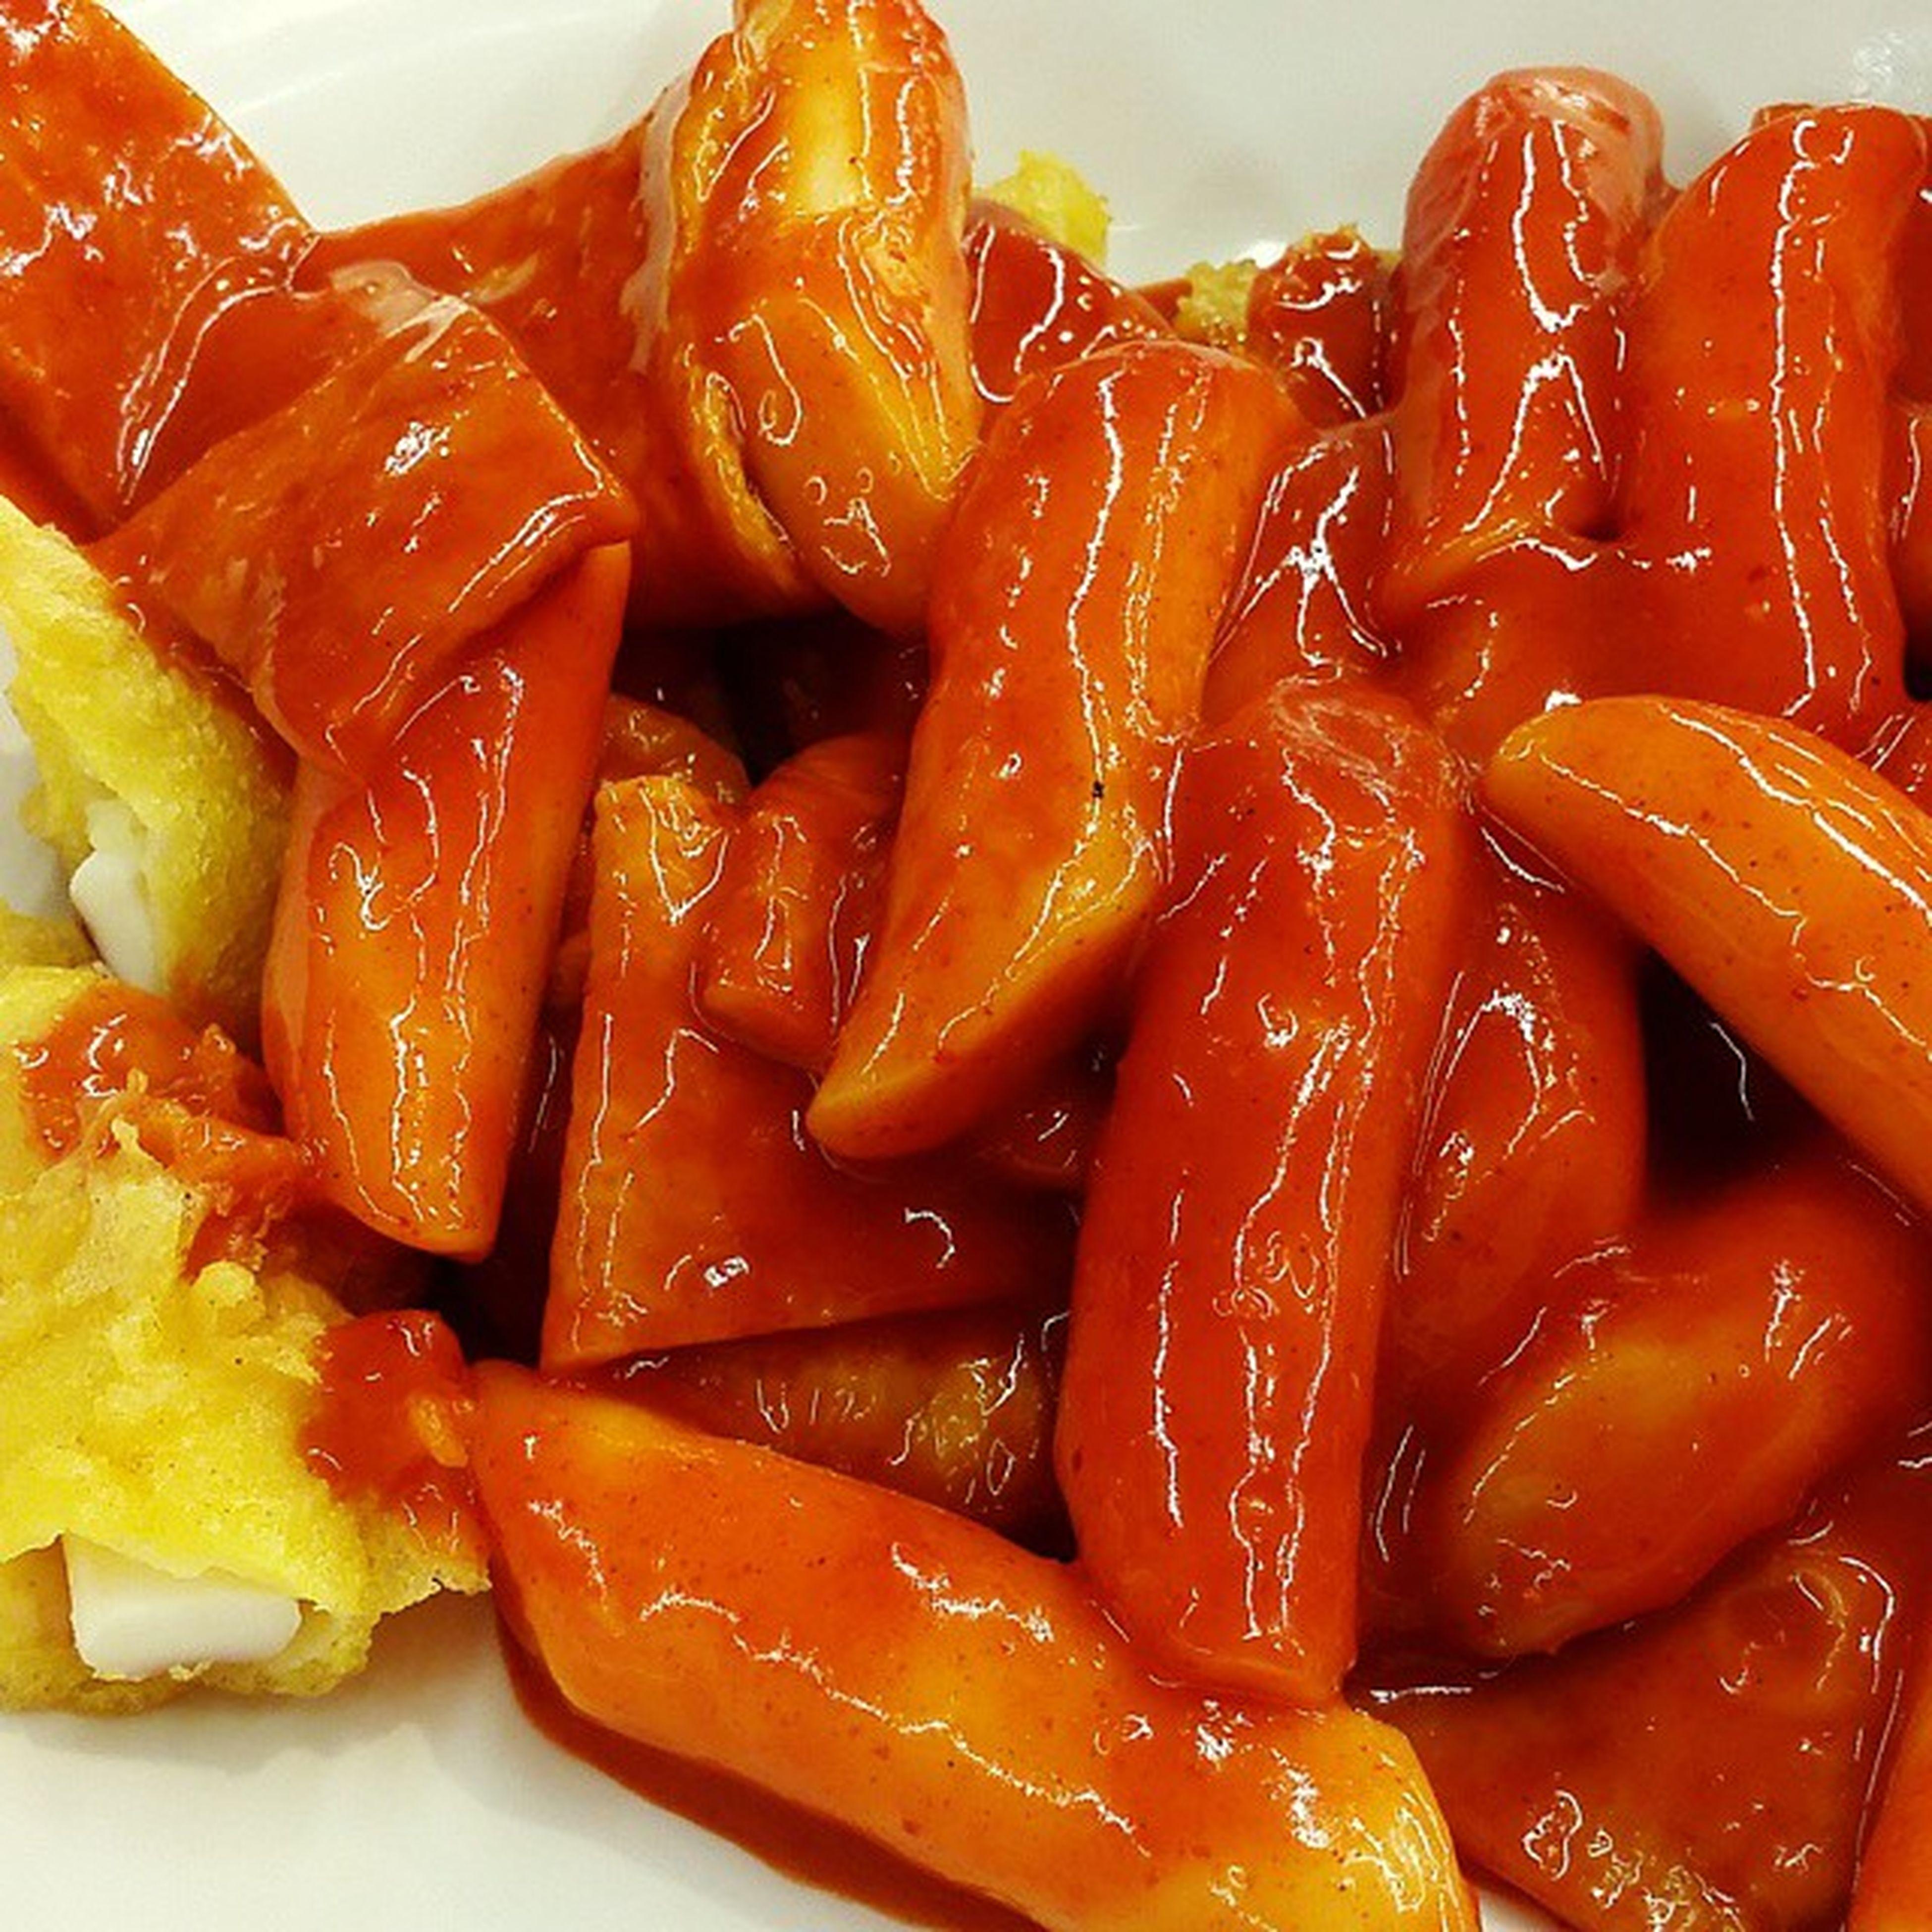 롯데마트 떡볶이범벅 사천원 에 떡볶이랑 튀김 두개 달달 매콤